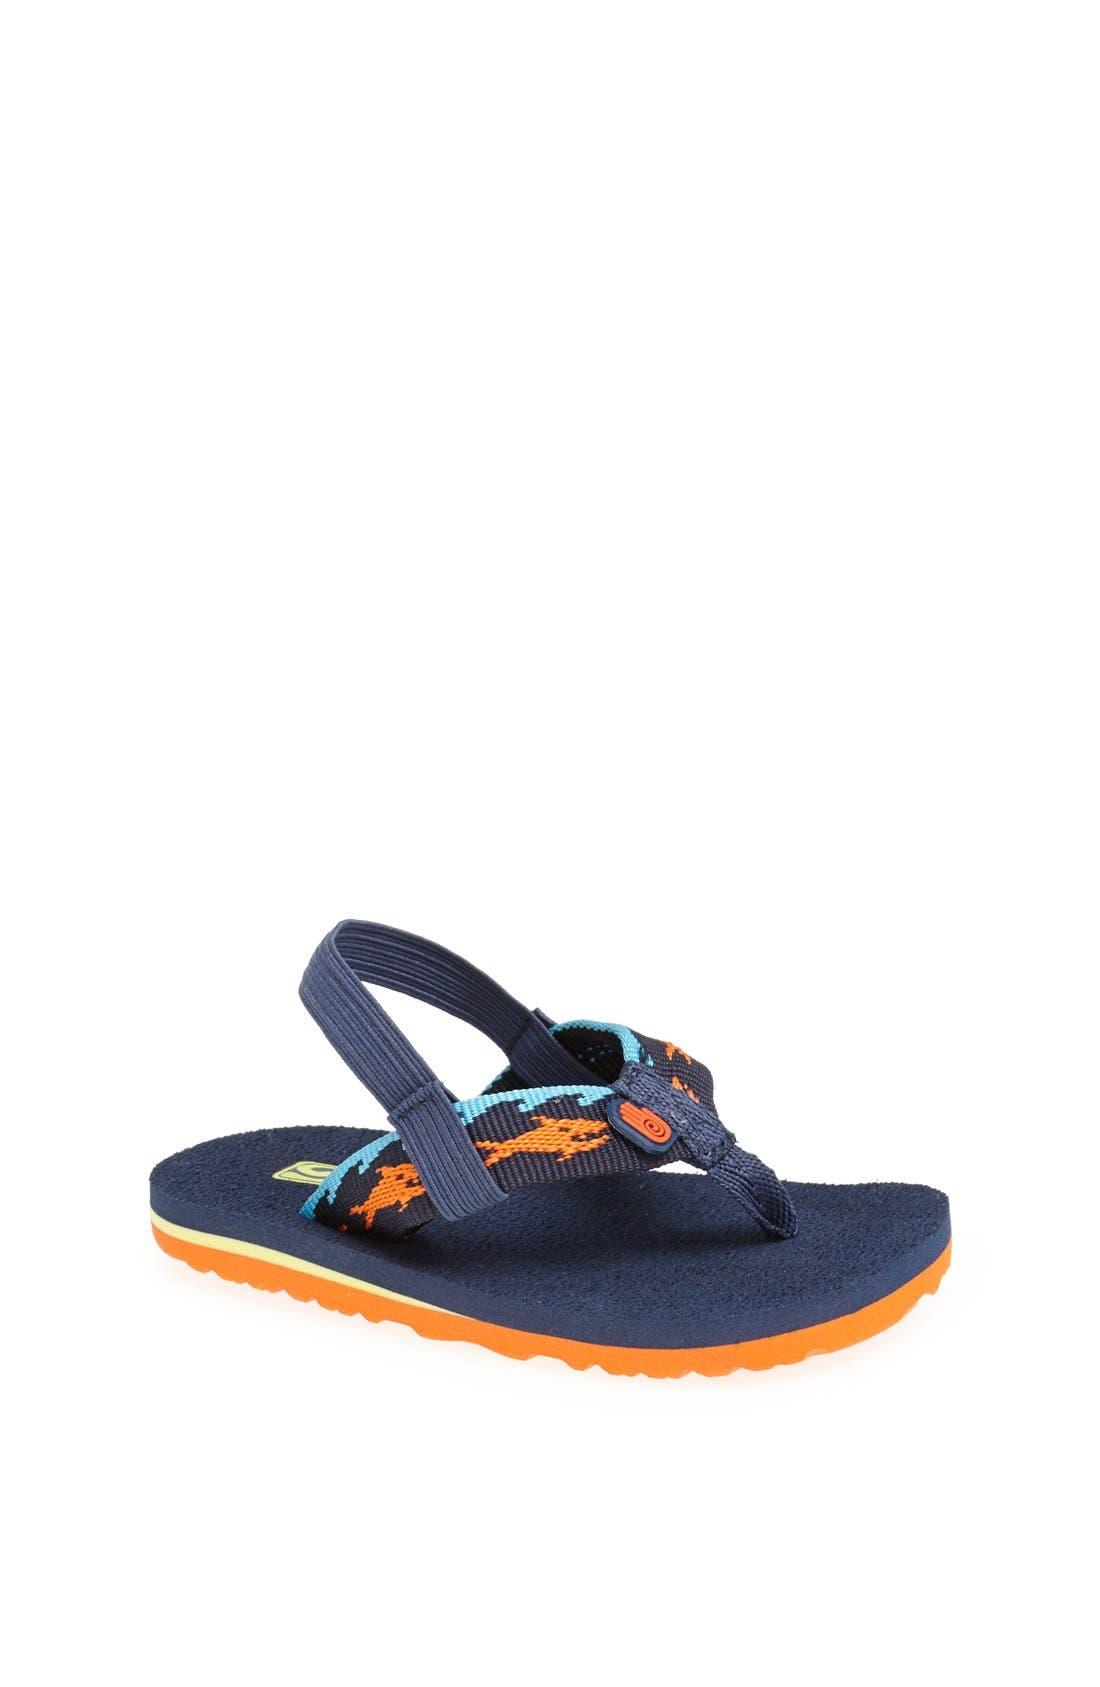 Main Image - Teva 'Mush' Sandal (Baby & Walker)